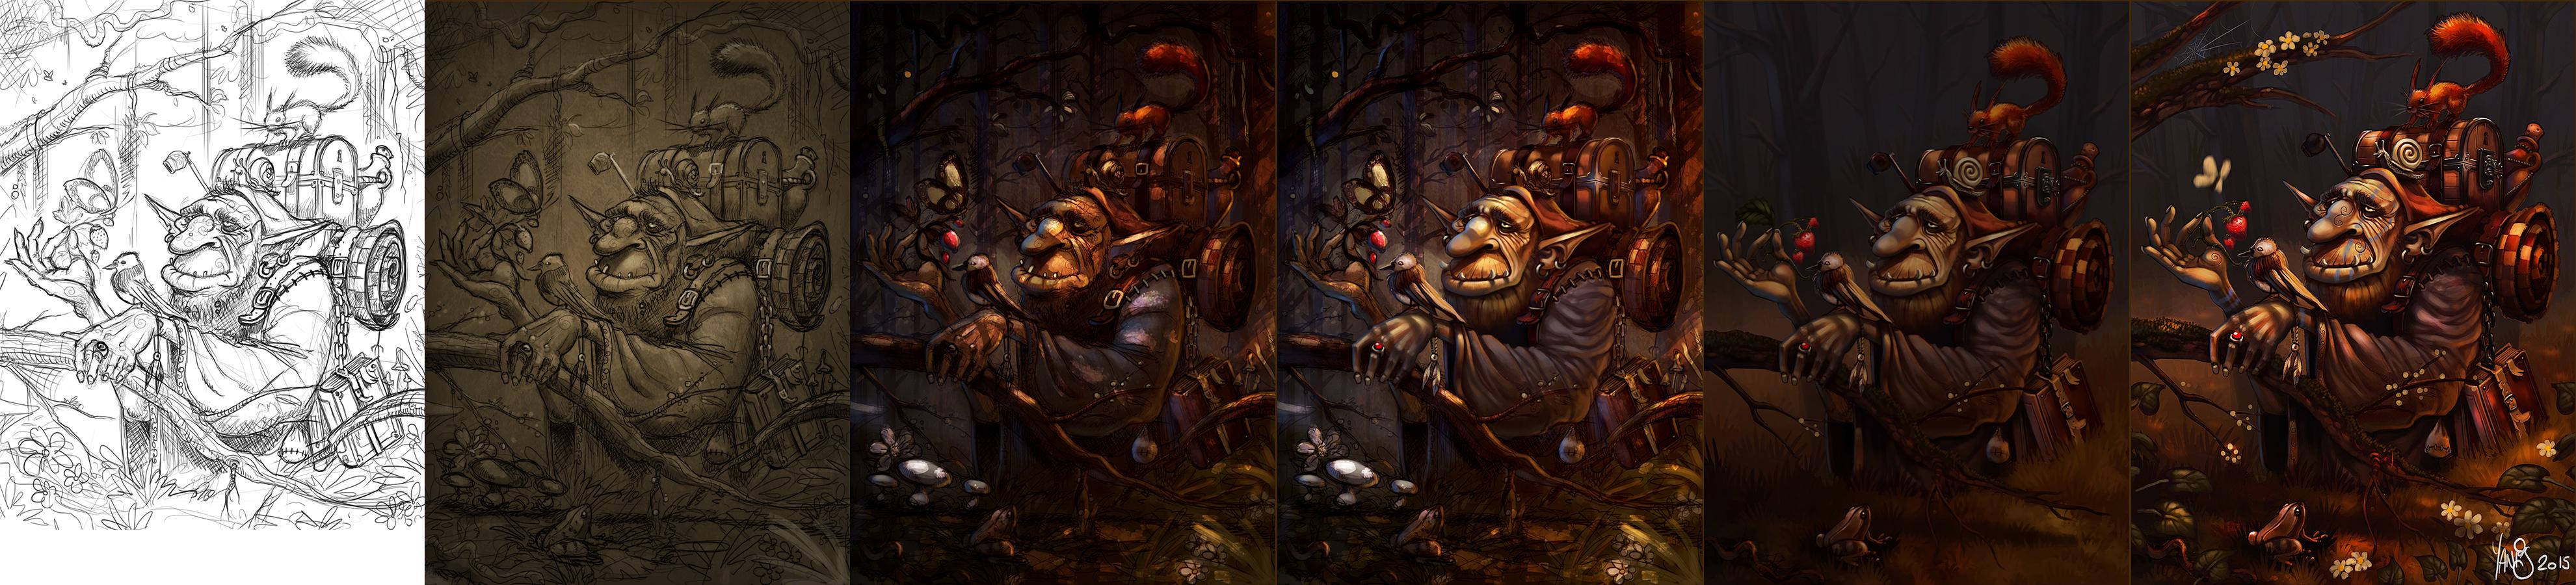 Digital painting de Traaw : Digit en vrac - Page 4 E73d405112ba5152f4c5c9fc92c32918-d8pzp6k